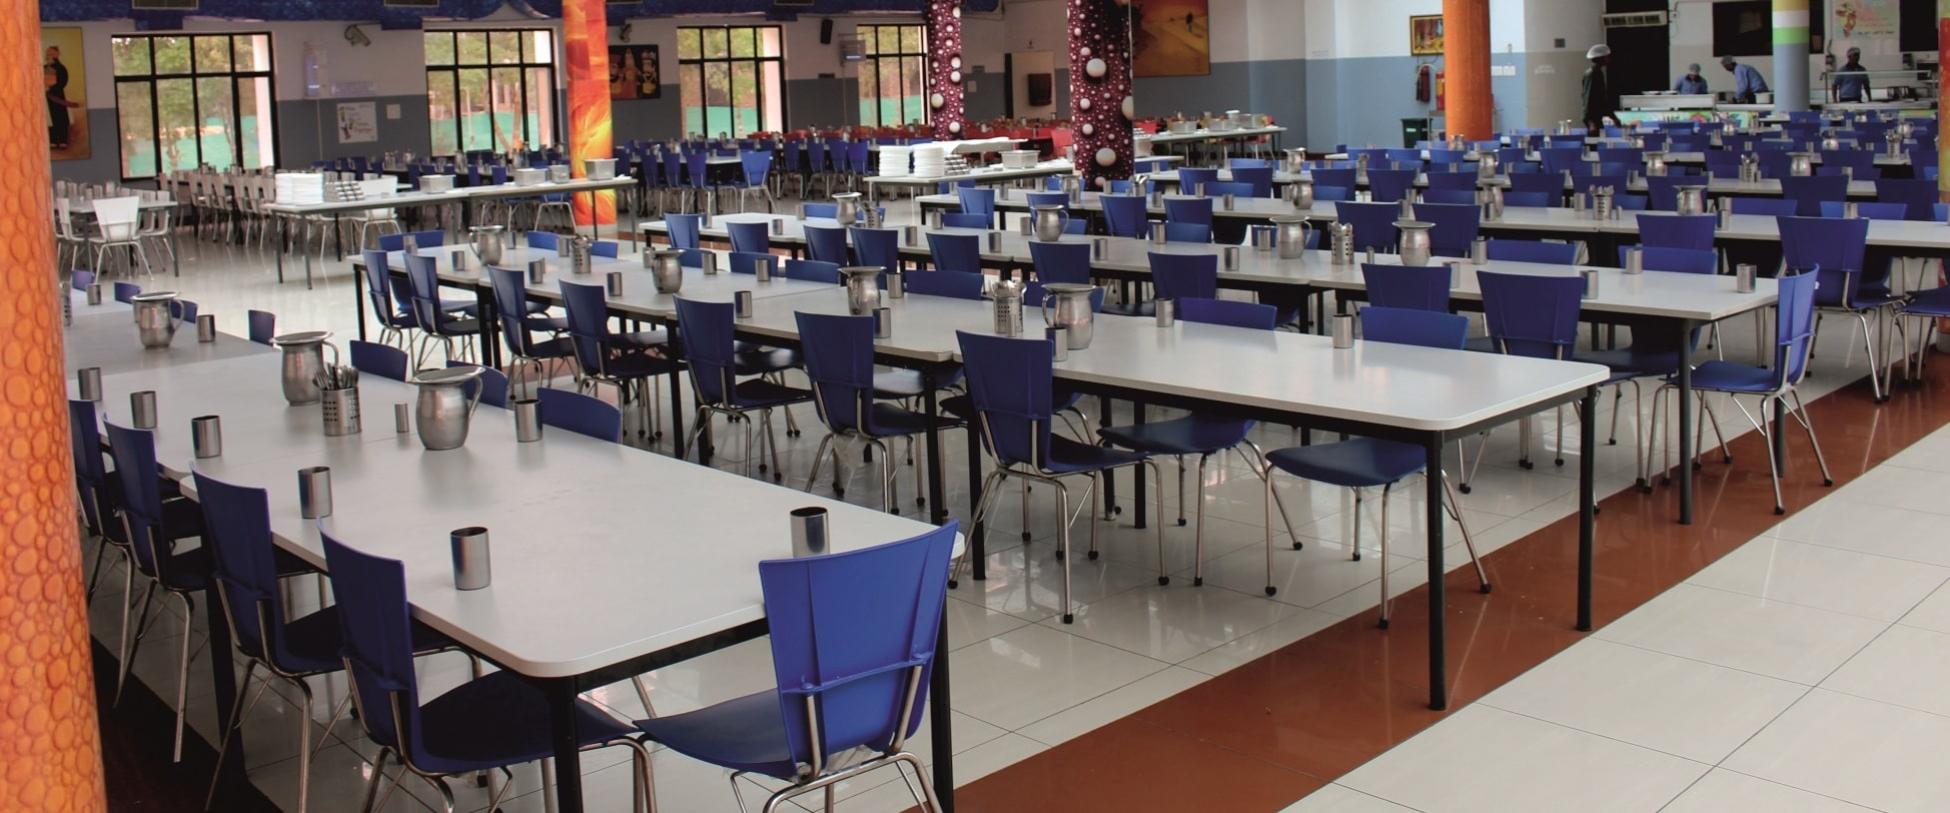 Birla central dinning hall